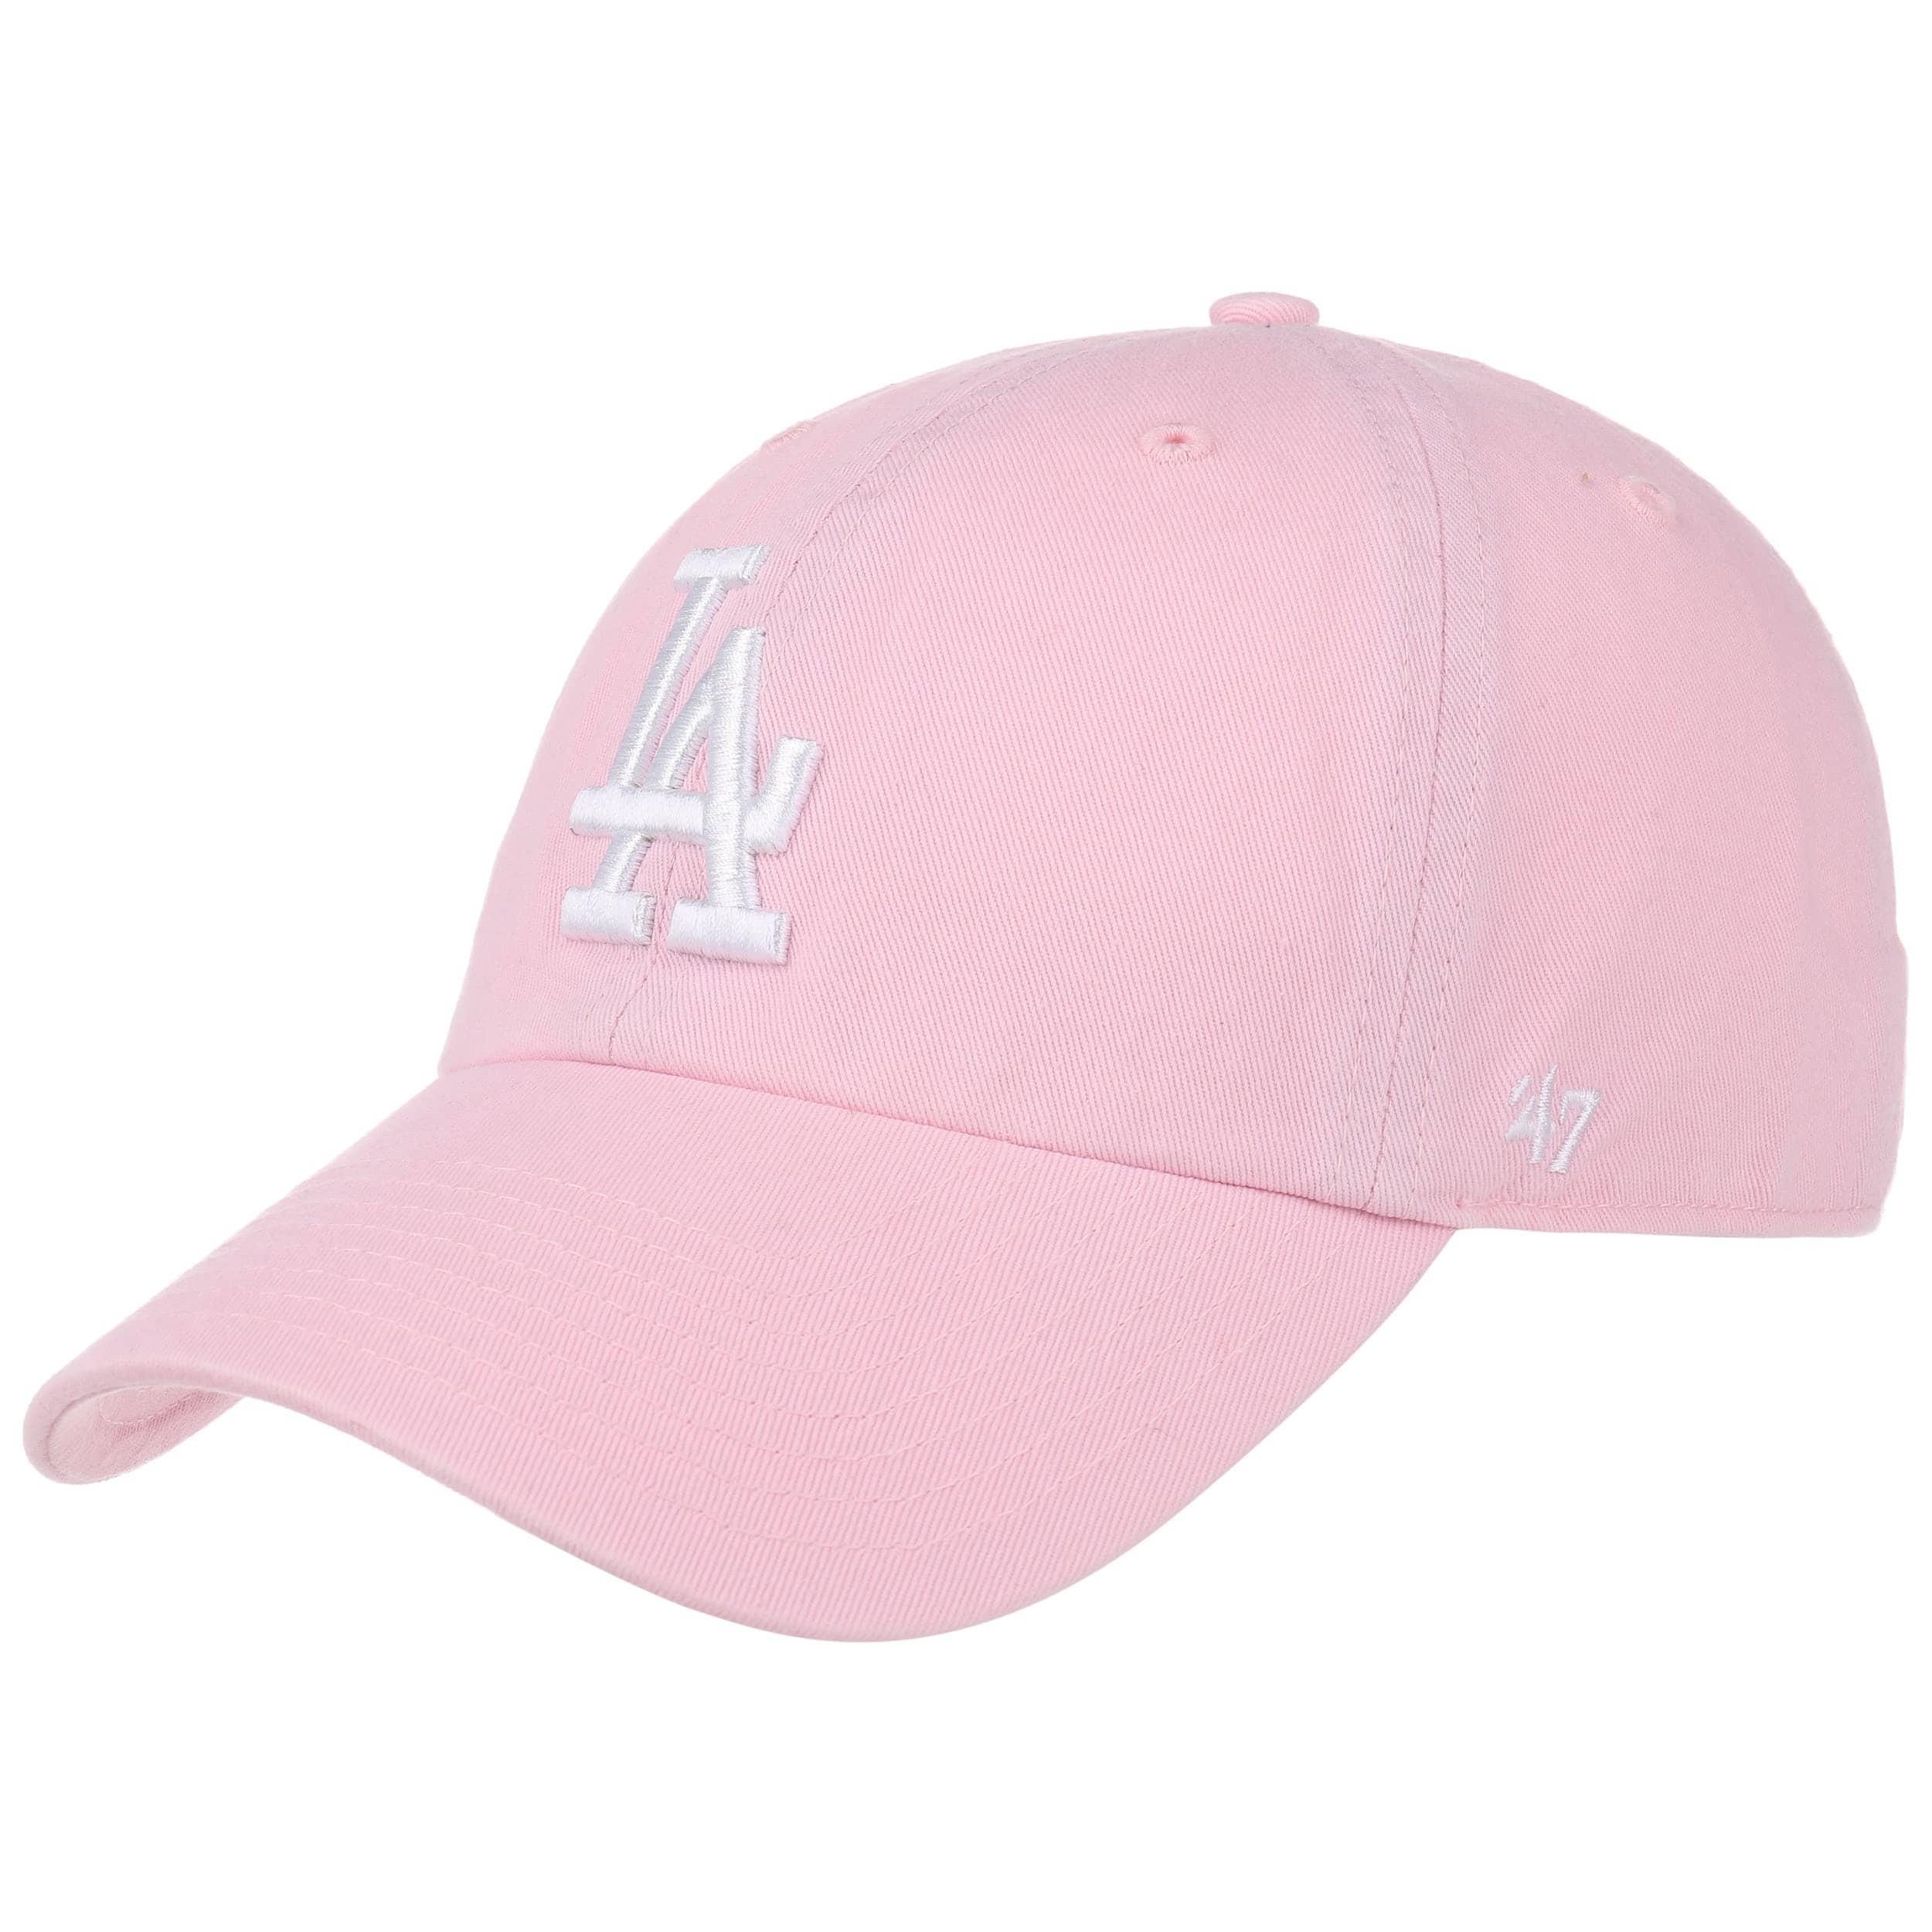 647d7362d91 ... Clean Up LA Dodgers Cap by 47 Brand - pink 6 ...